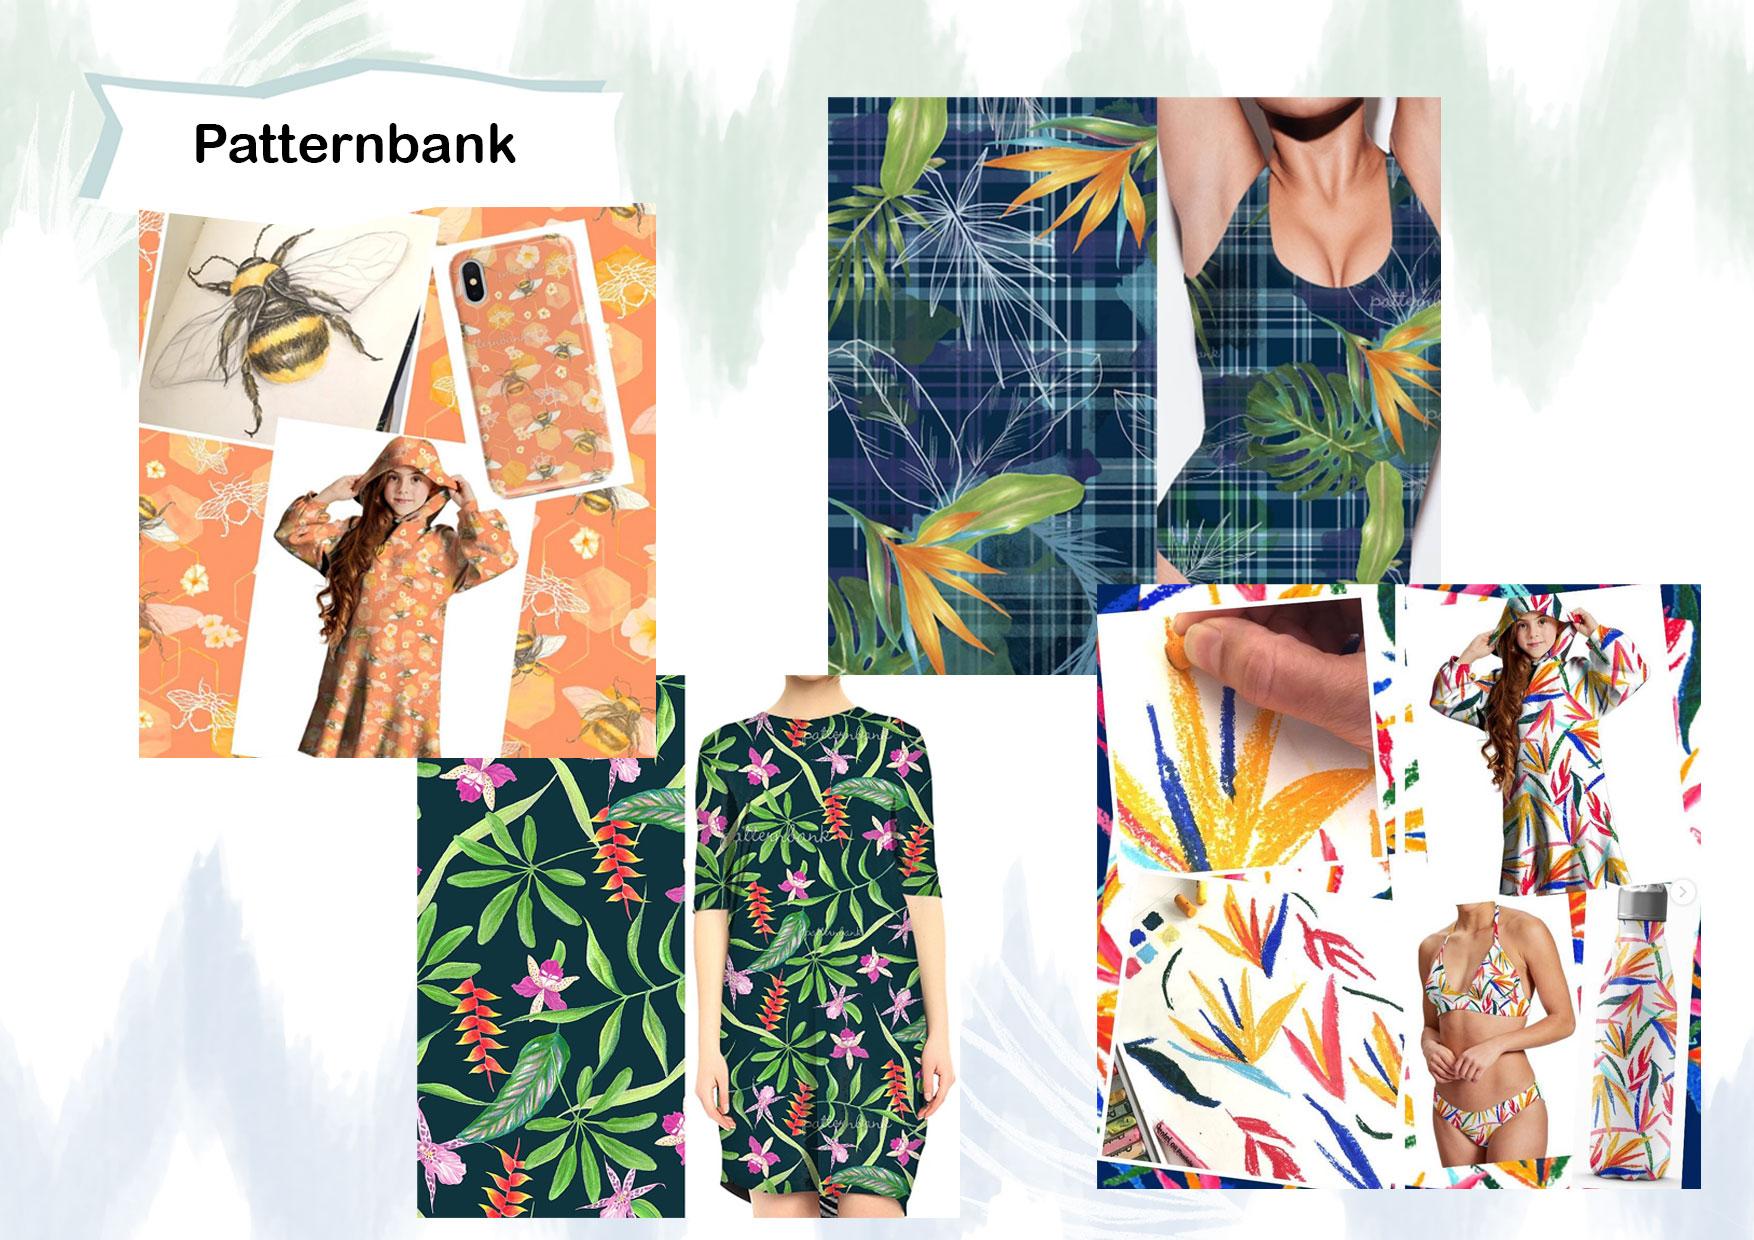 Estampas para Patternbank